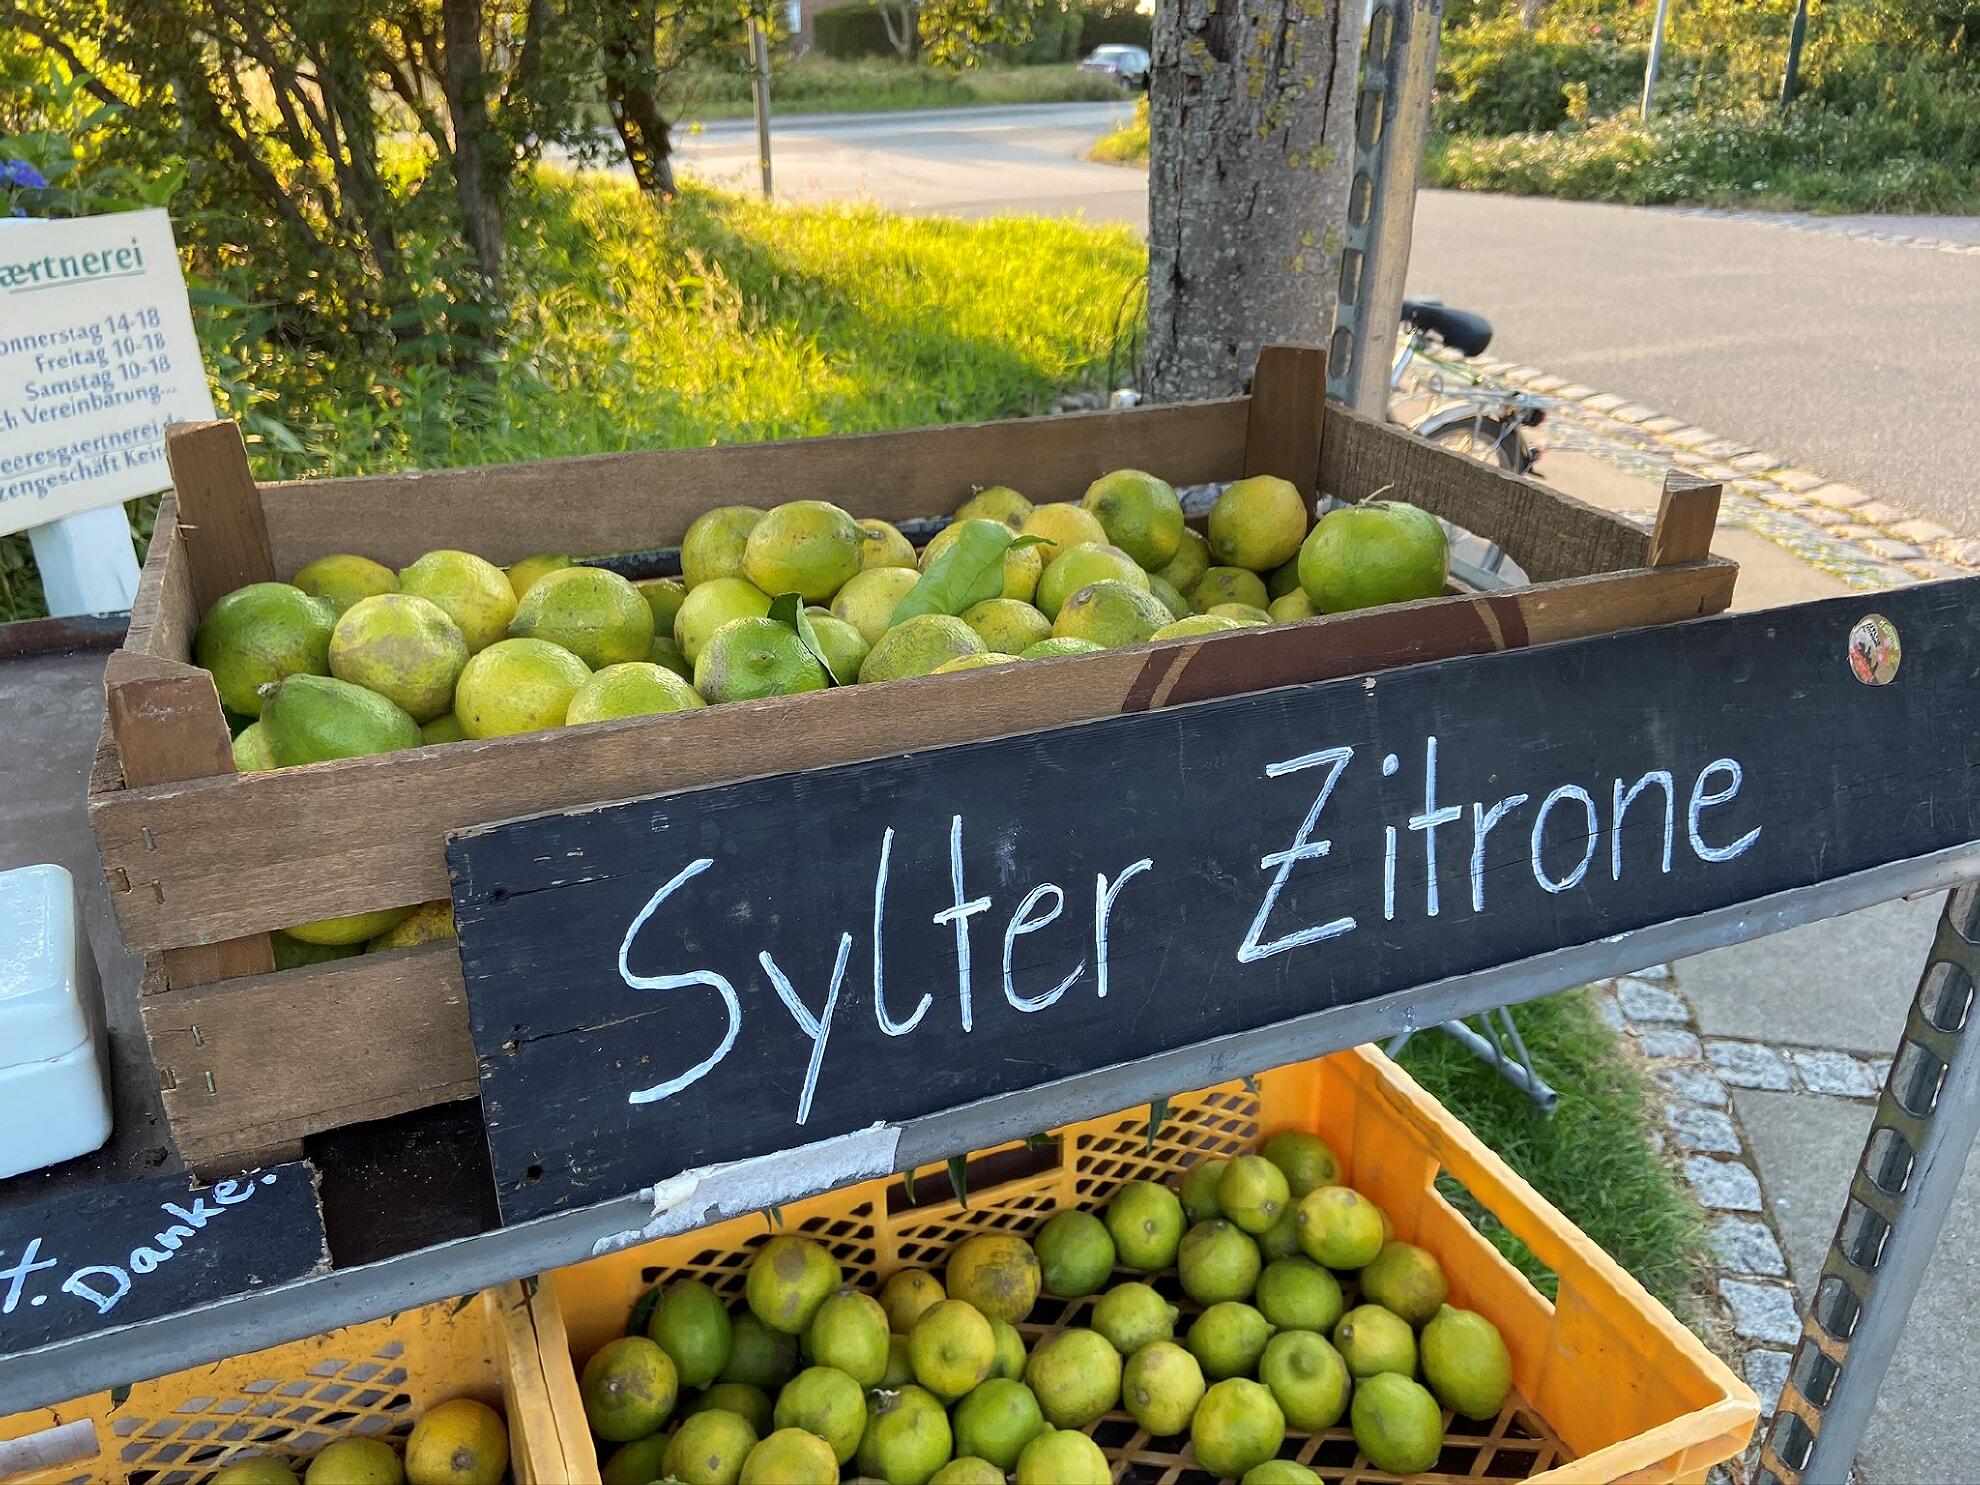 Sylter Zitrone von der Sylter Meeresgärtnerei